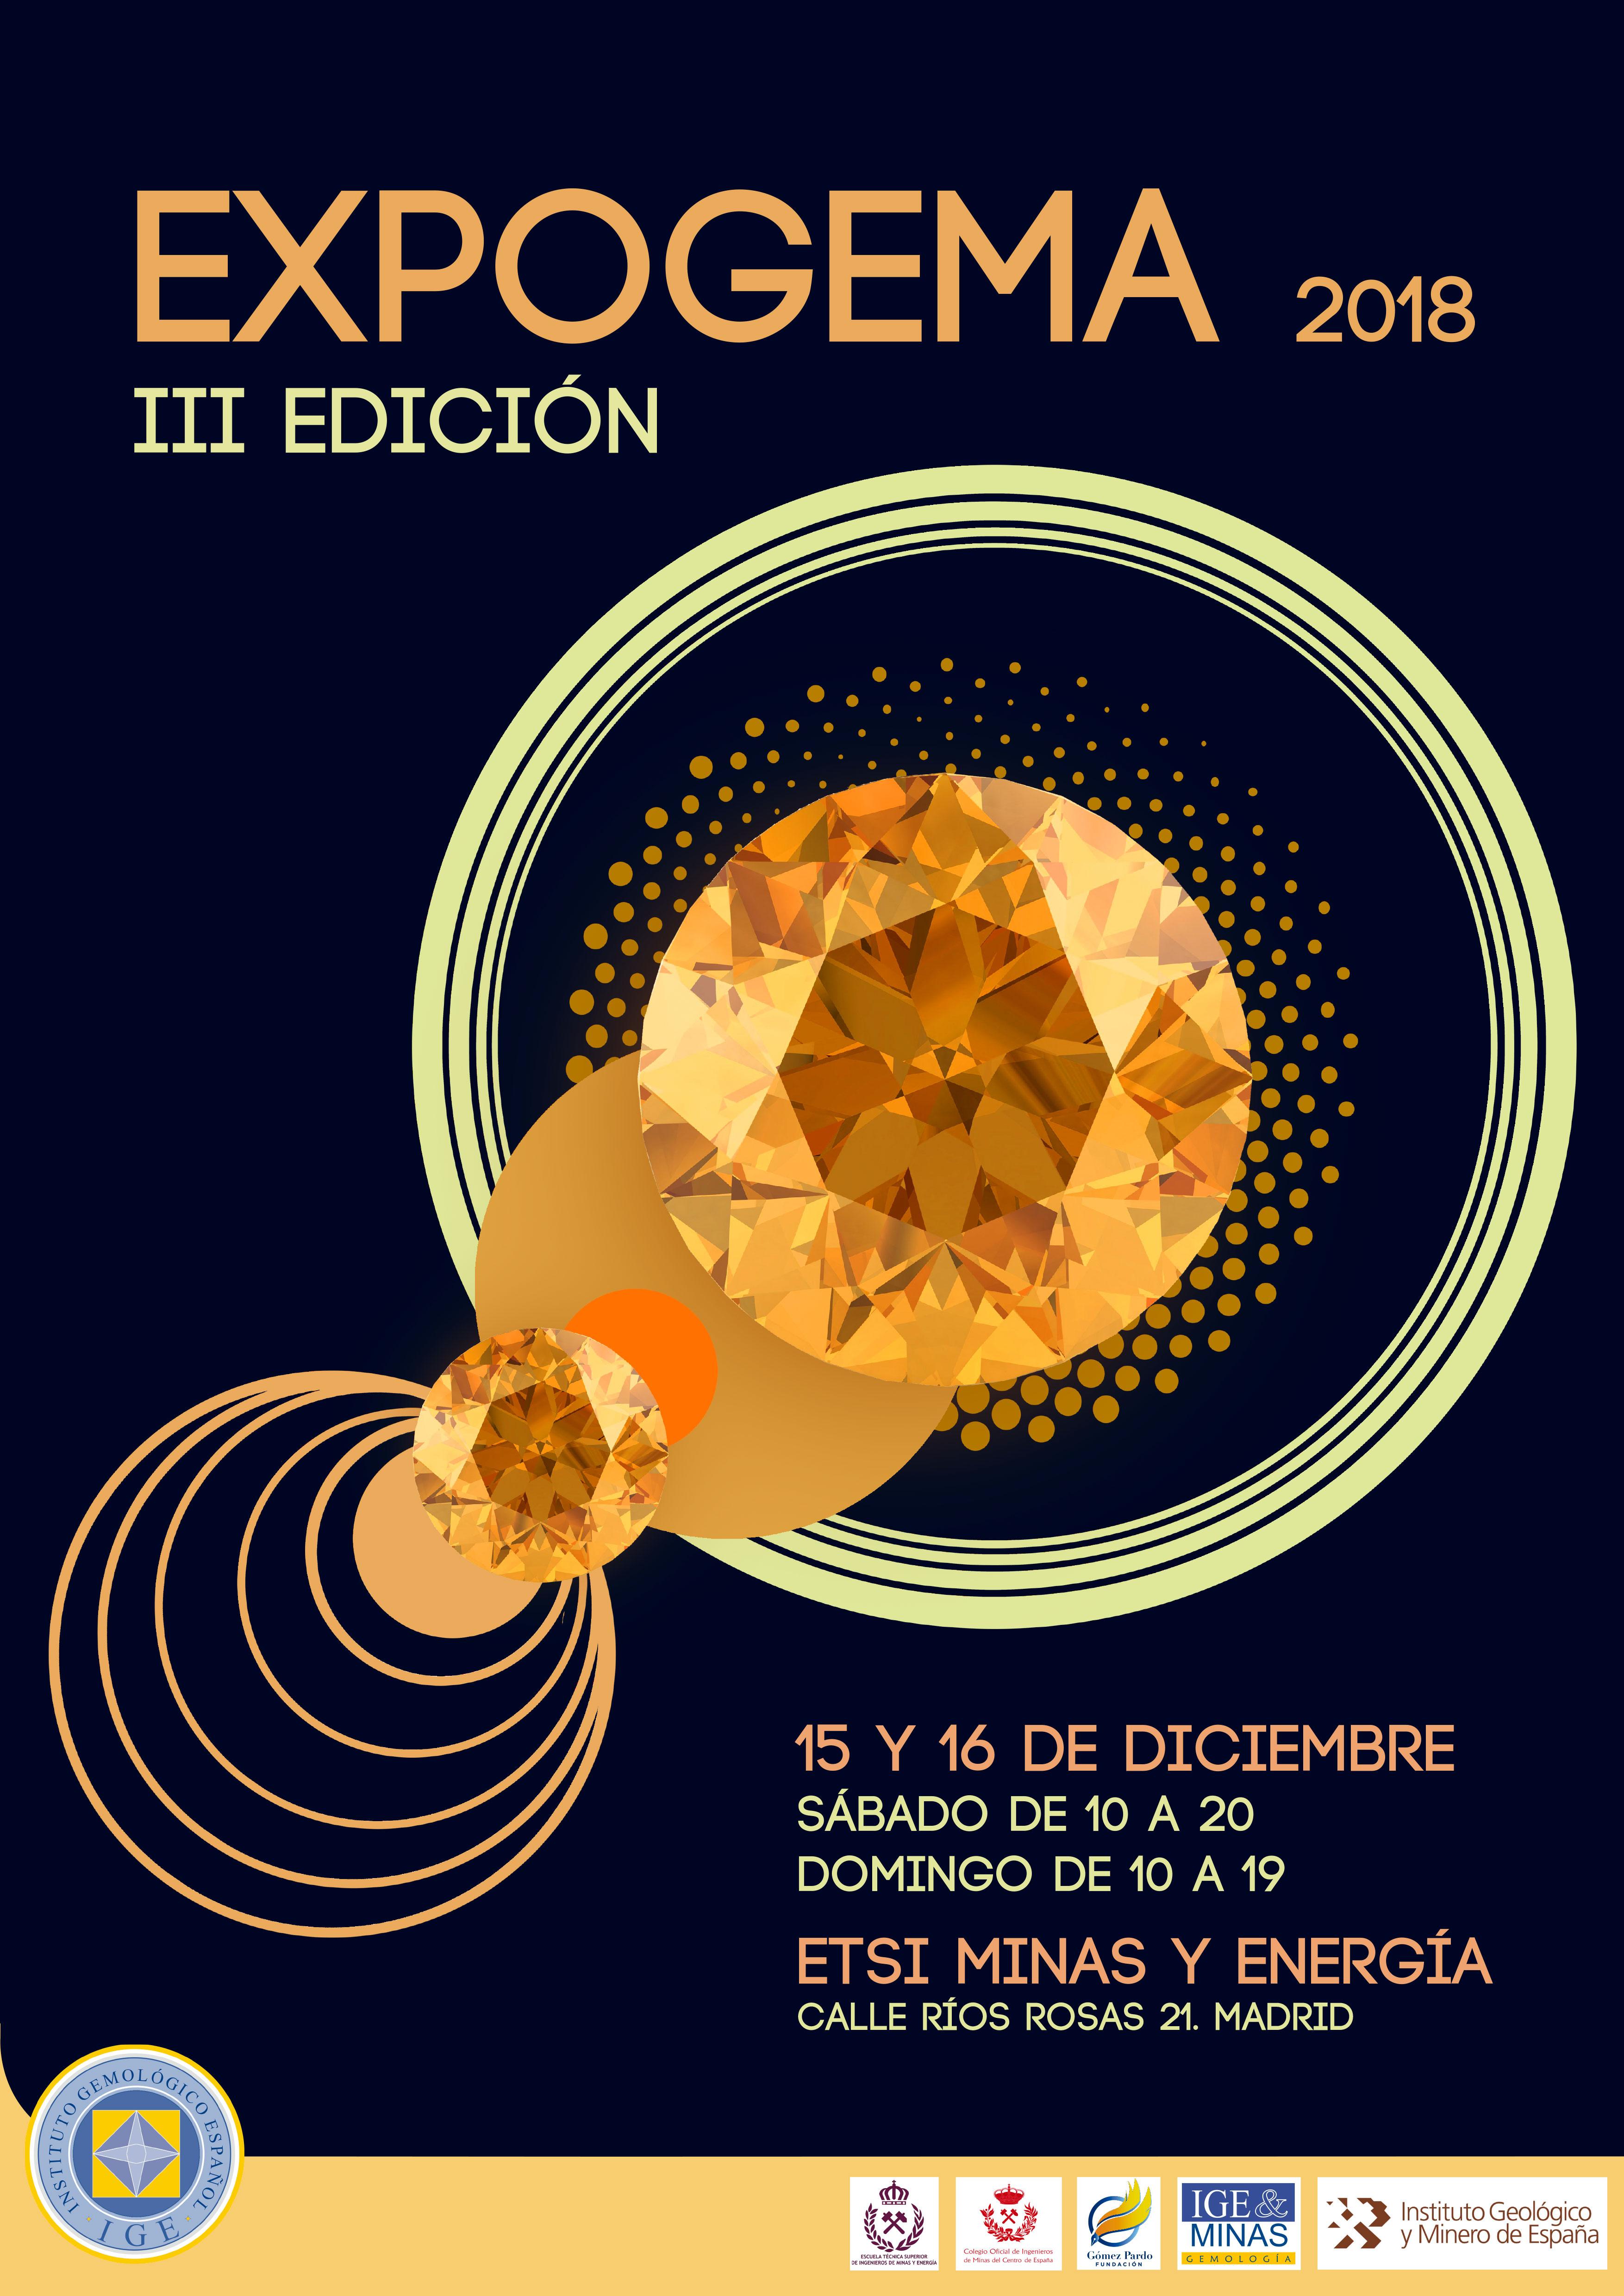 MADRID: EXPOGEMA 2018 - 15 y 16 DICIEMBRE (Entrada, visitas guiadas y talleres gratis)